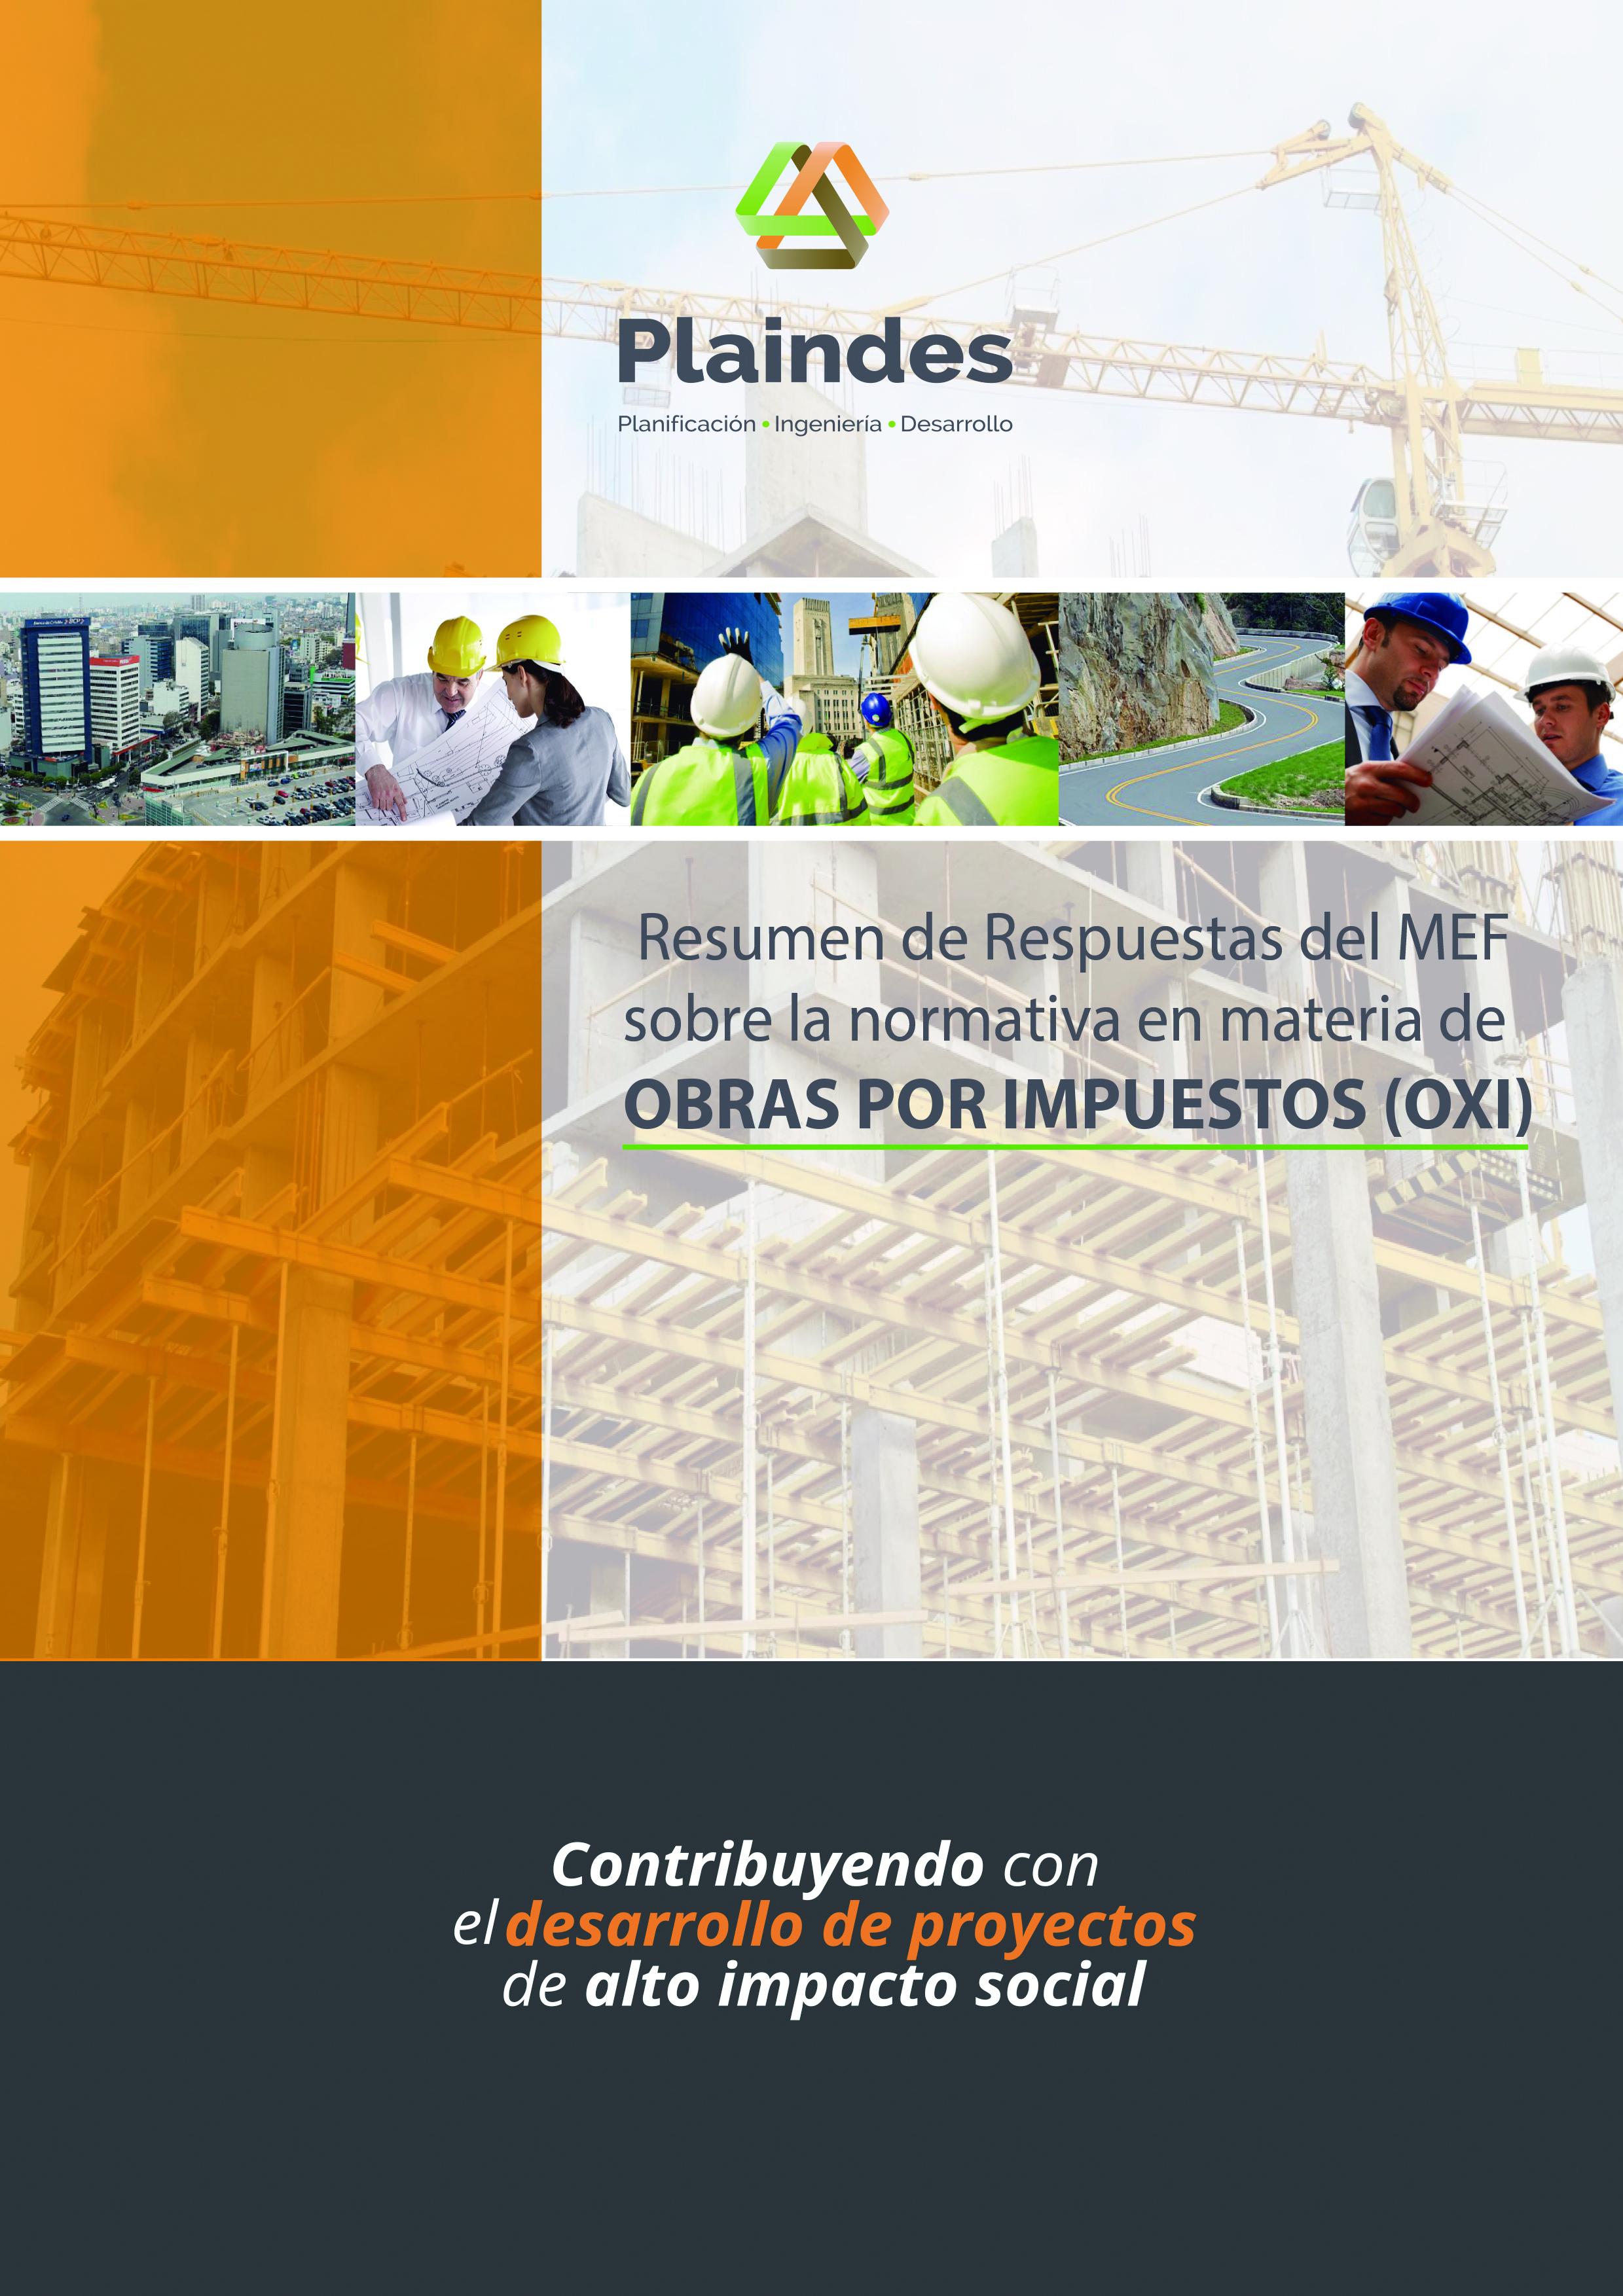 Resumen de Respuestas del MEF a las consultas sobre la normativa en materia de Obras por Impuestos (OxI)